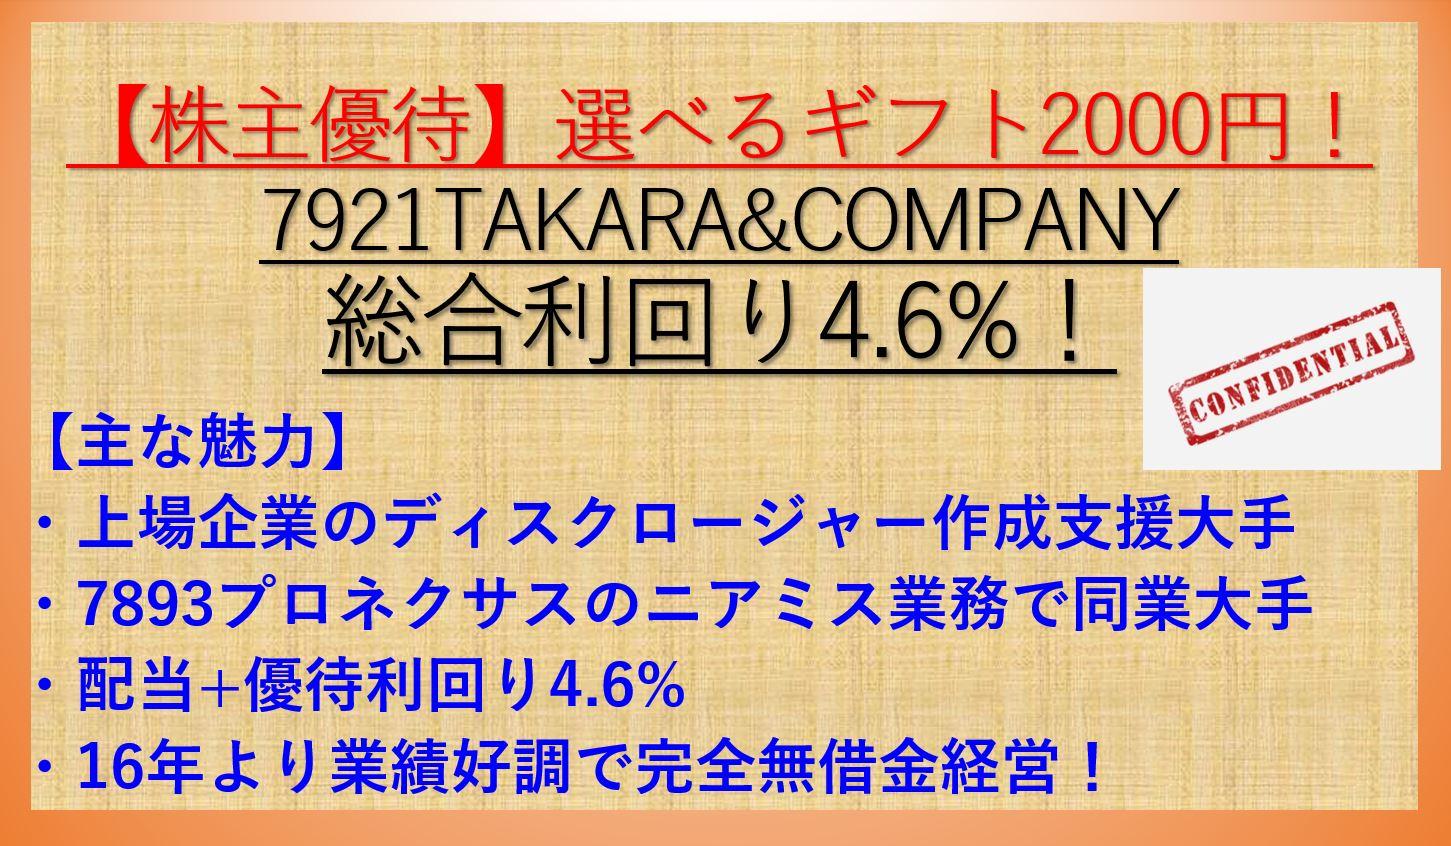 7921-TAKARA&COMPANY-アイキャッチ